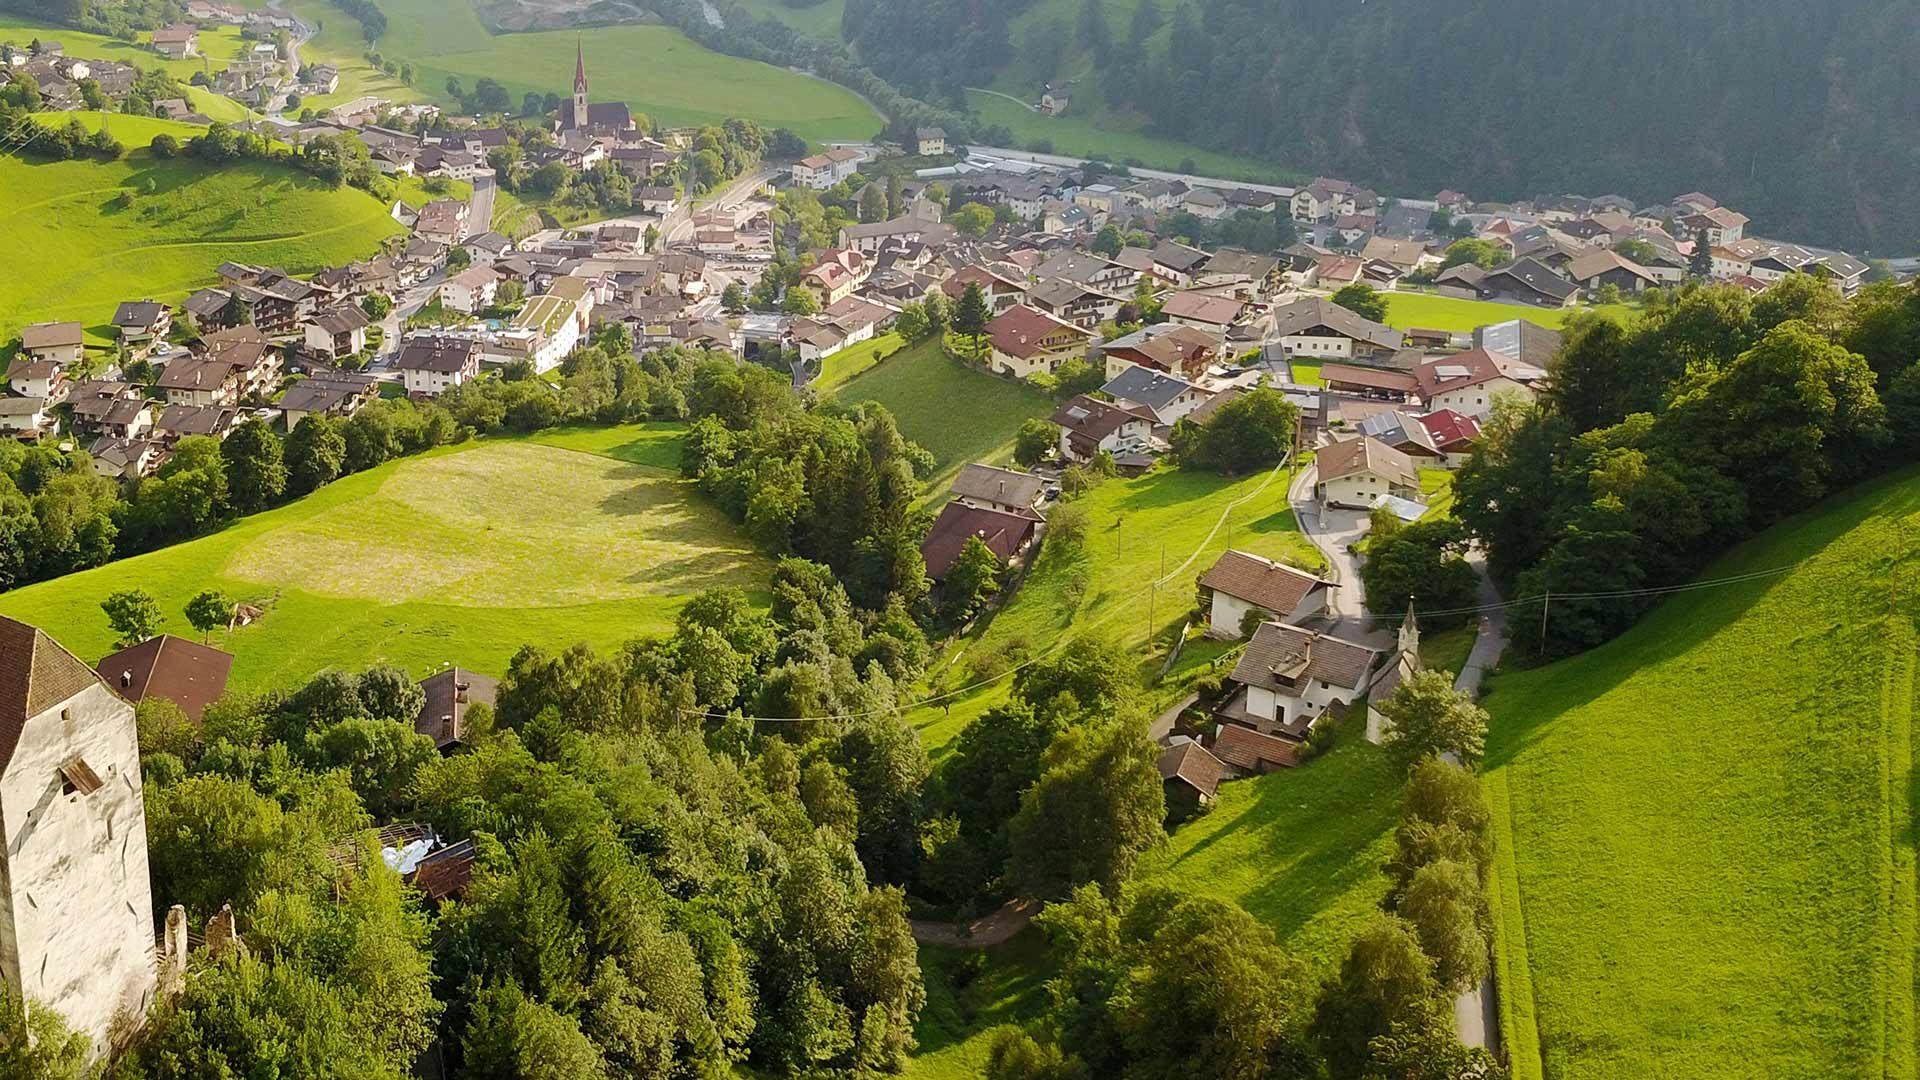 Centro principale della Val Passiria - San Leonardo